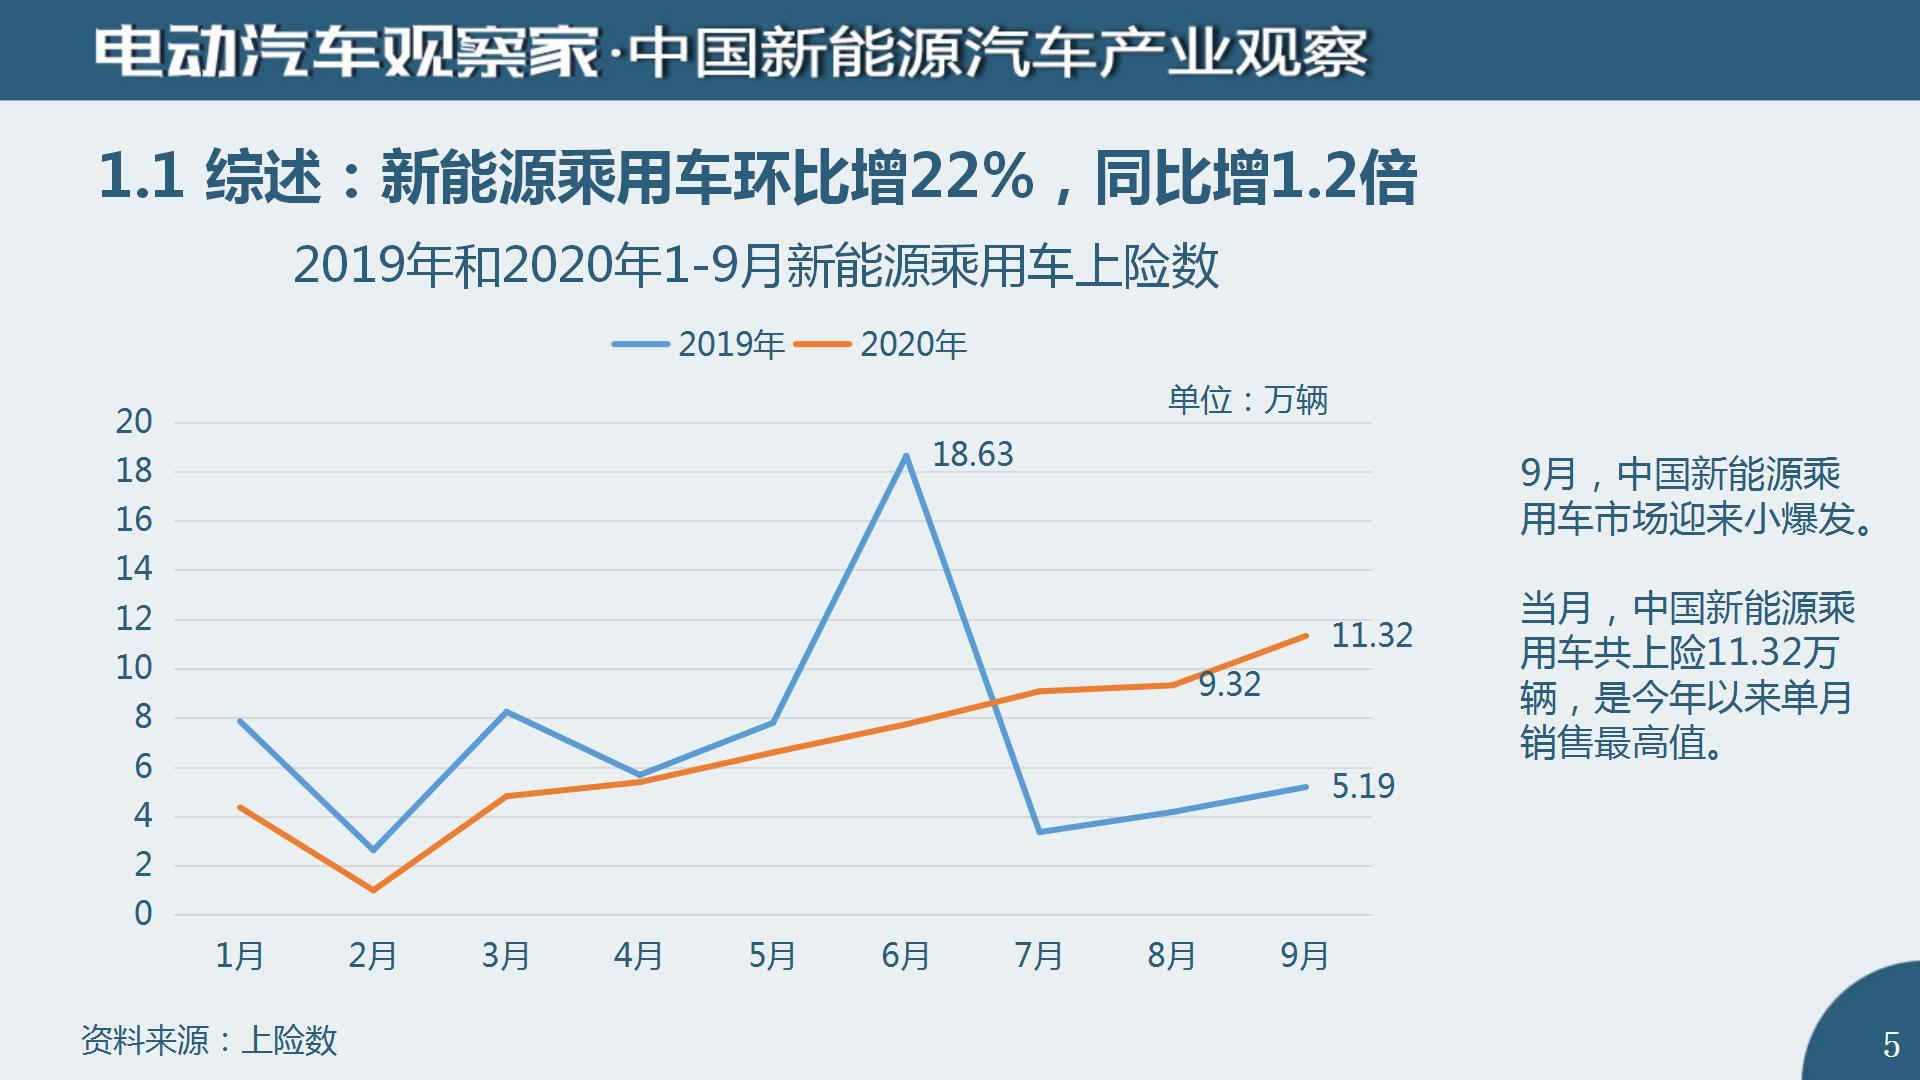 中国新能源汽车产业观察2020年9月(2)_05